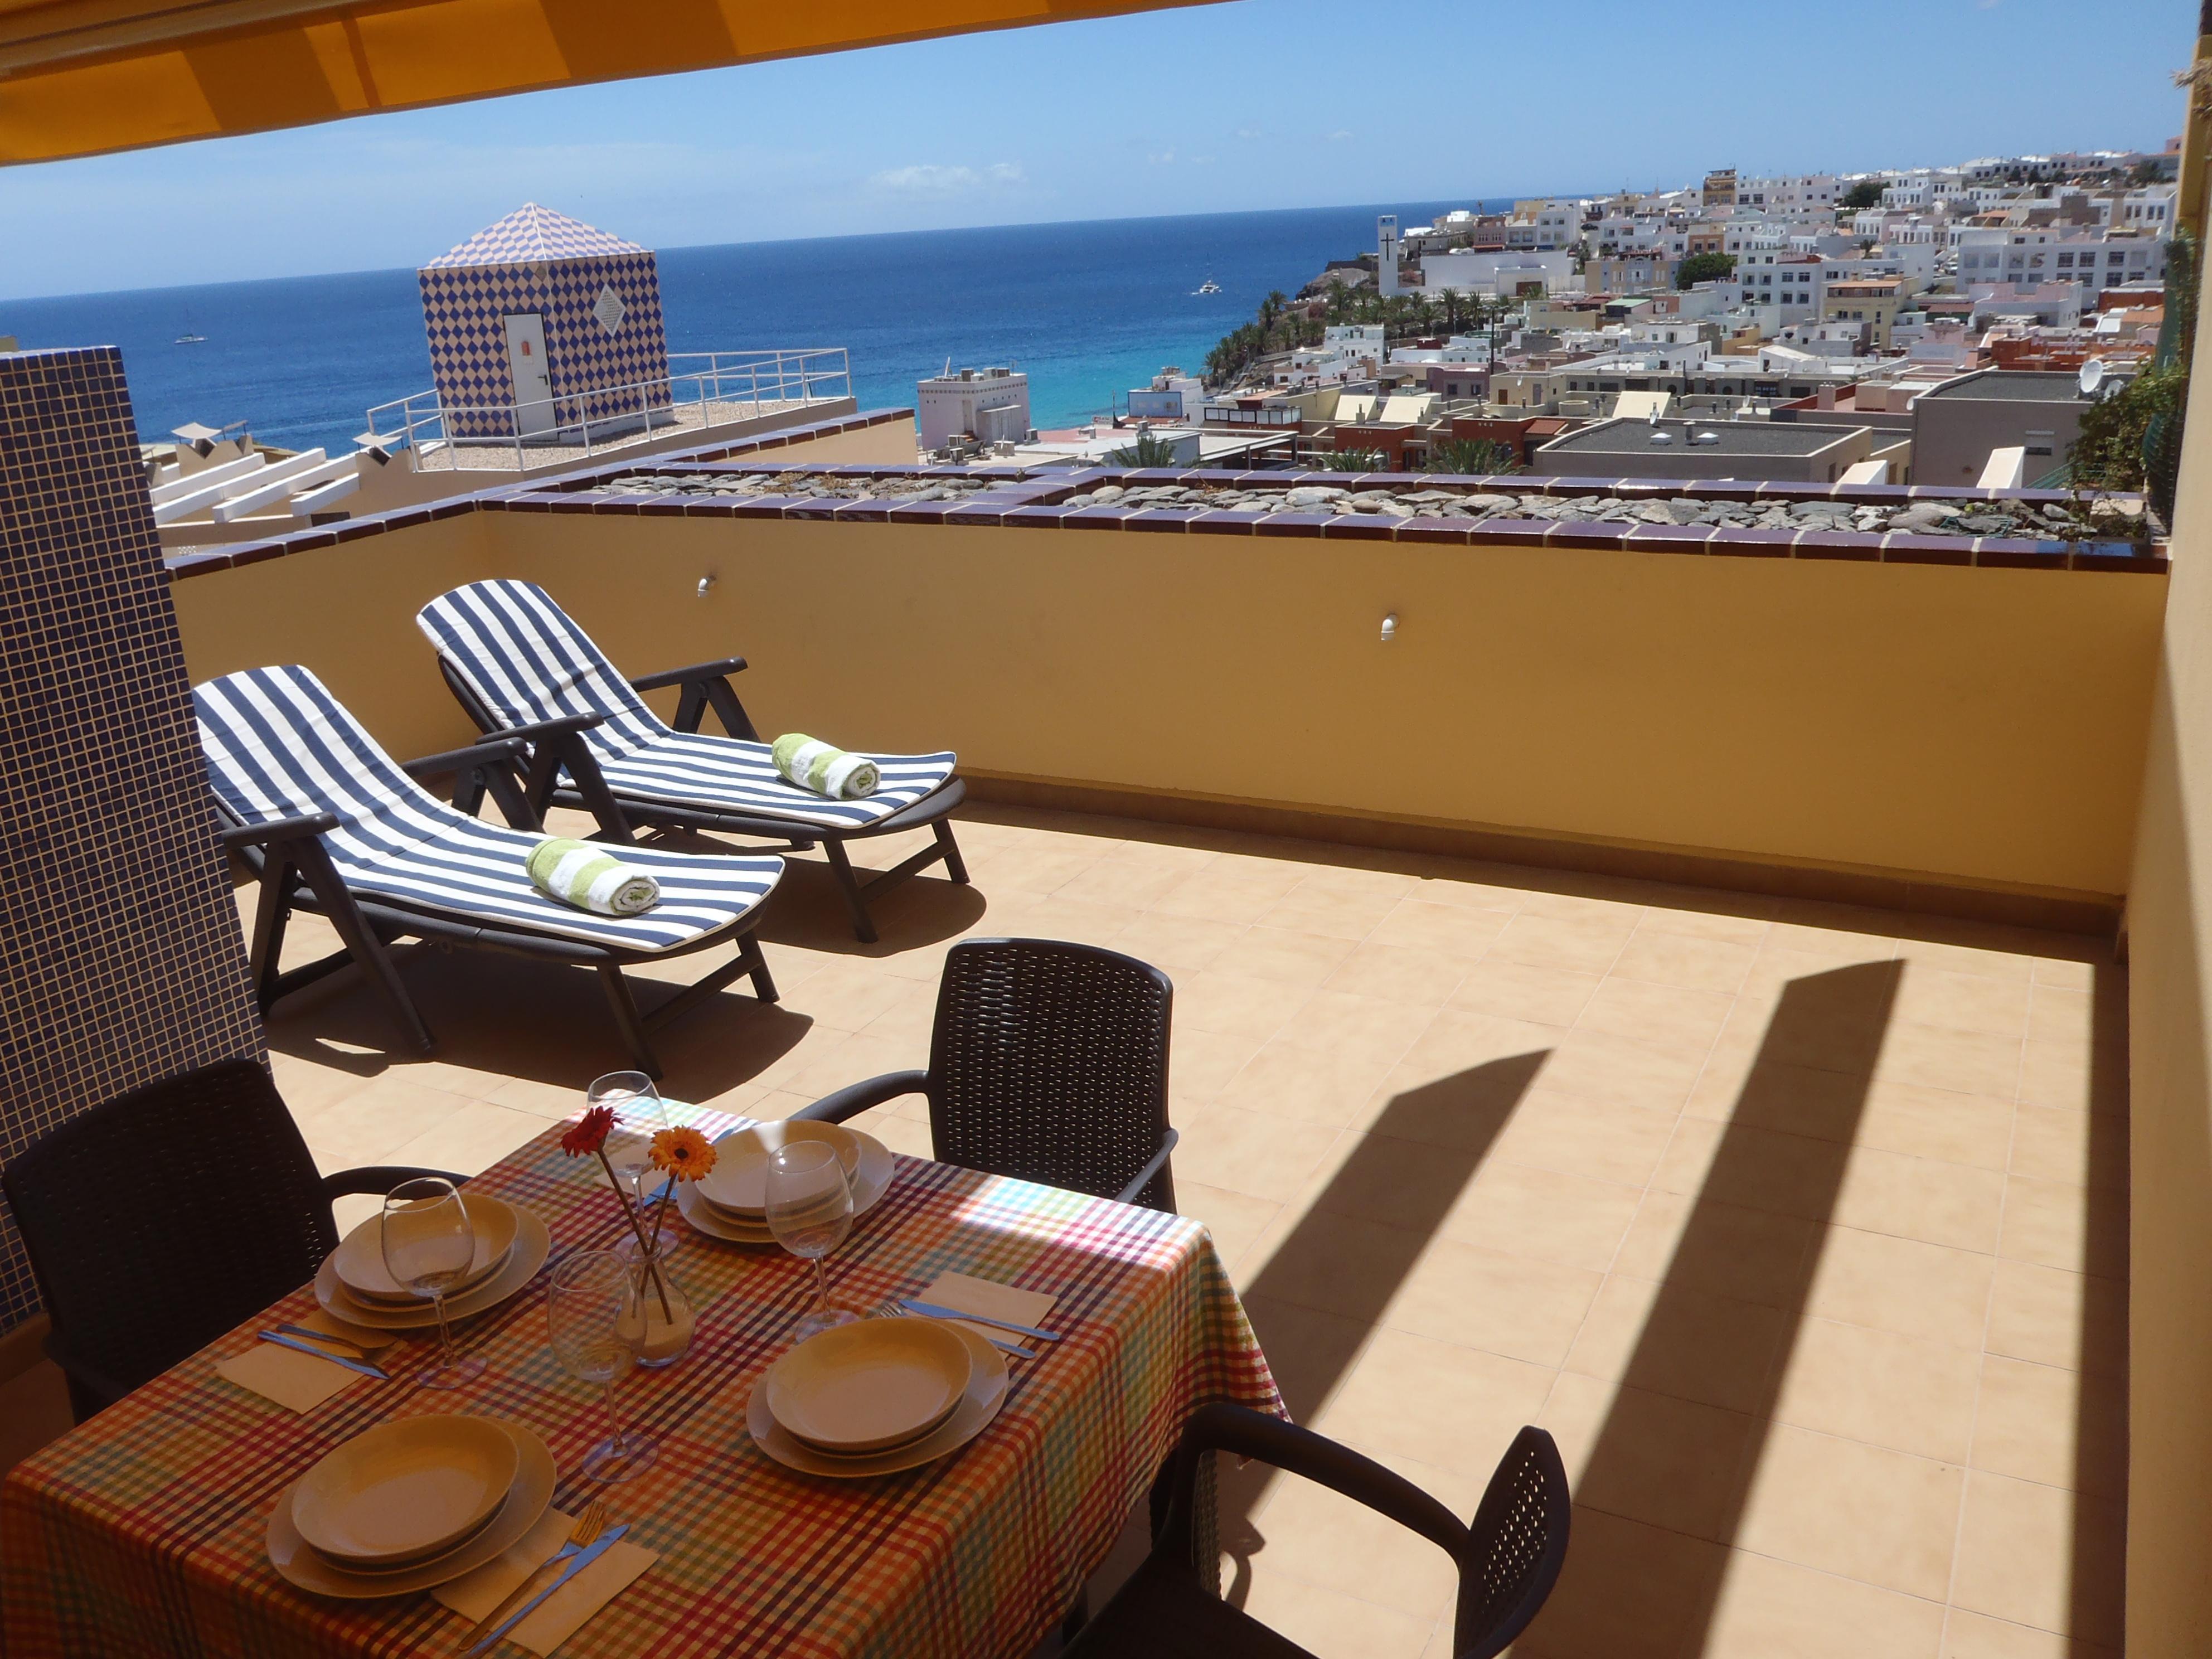 Ferienwohnung Sonnenterrassen Morro Jable (1685410), Morro Jable, Fuerteventura, Kanarische Inseln, Spanien, Bild 2